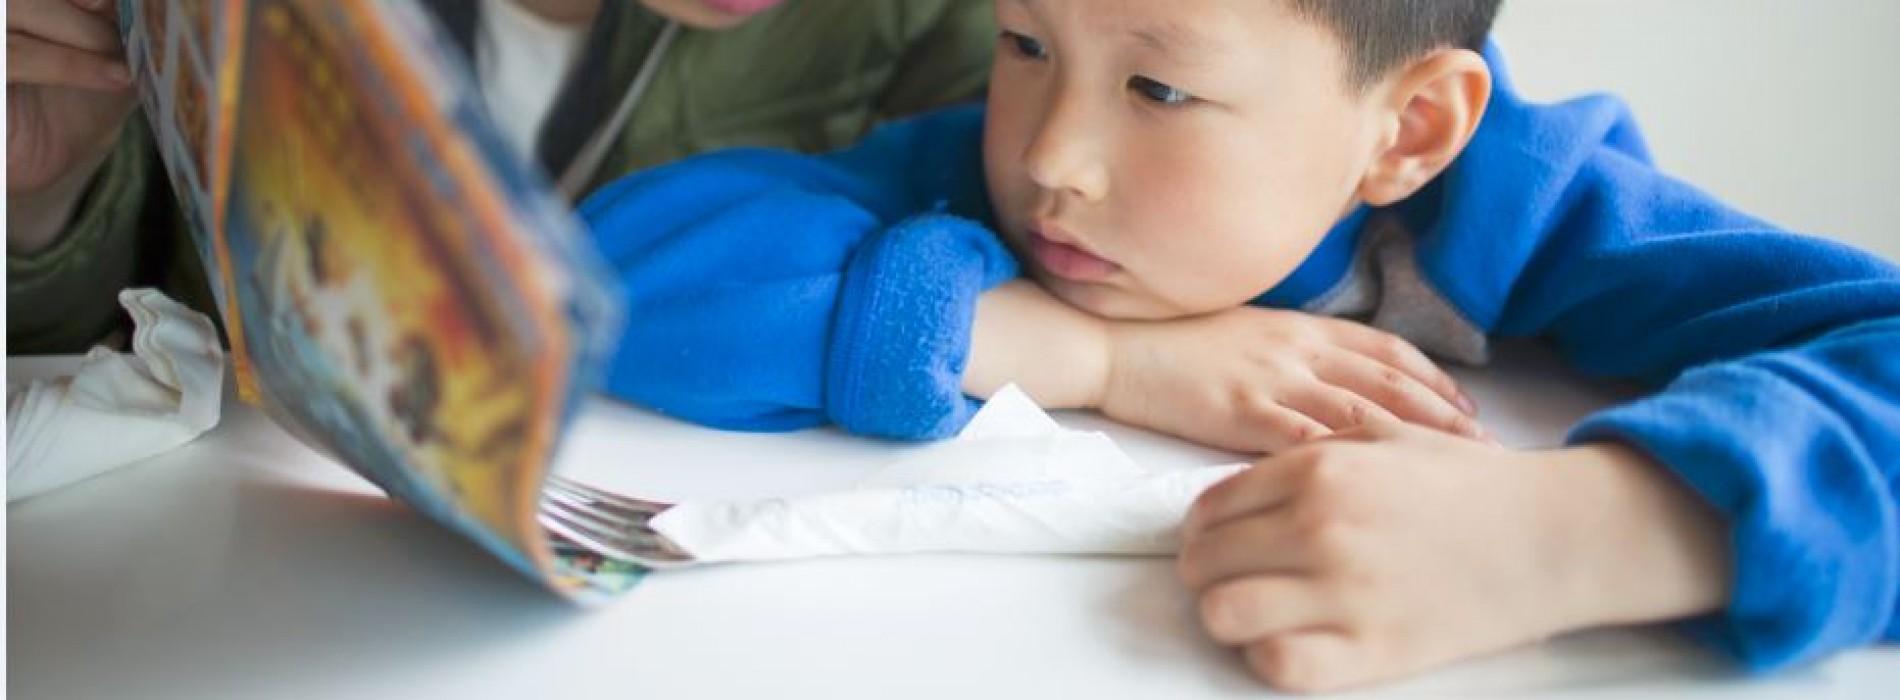 從「廣東話慣用語」看孩子語言能力